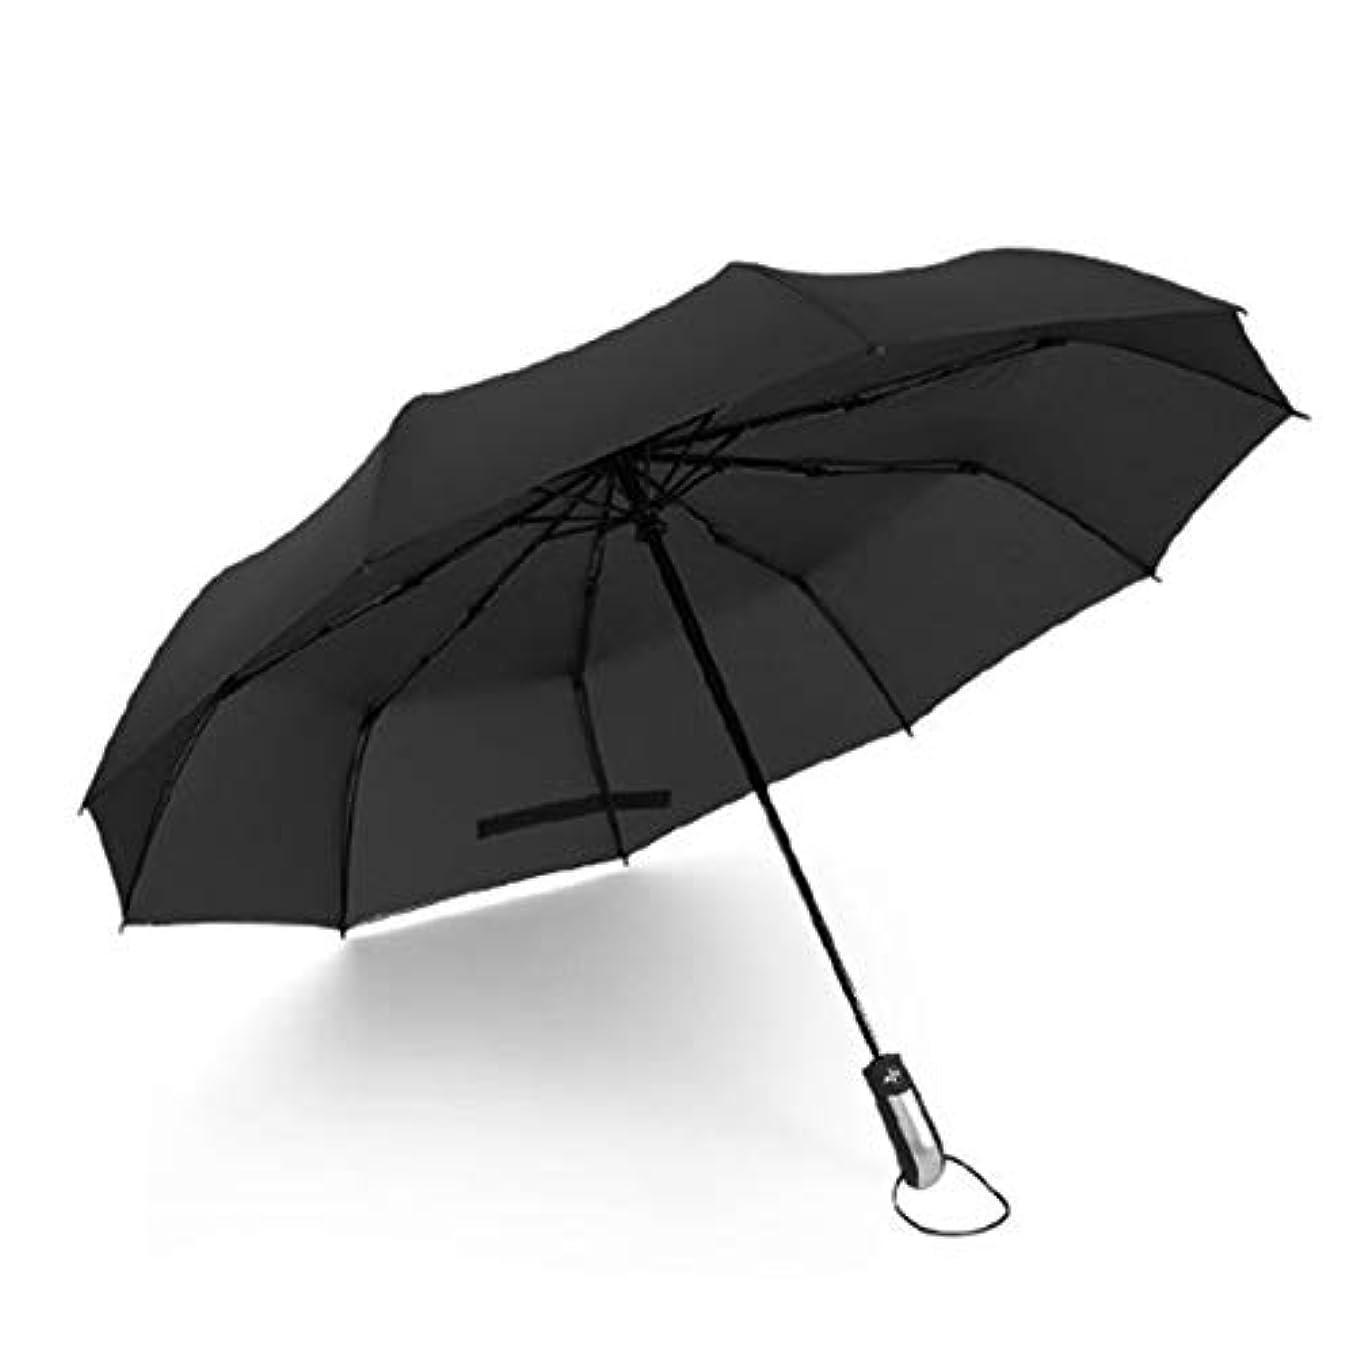 標準マエストロチェリーSaikogoods 全自動日 - 雨の傘 トリプルフォールディング 男性女性 強化のために10-リブ ビジネス傘 黒